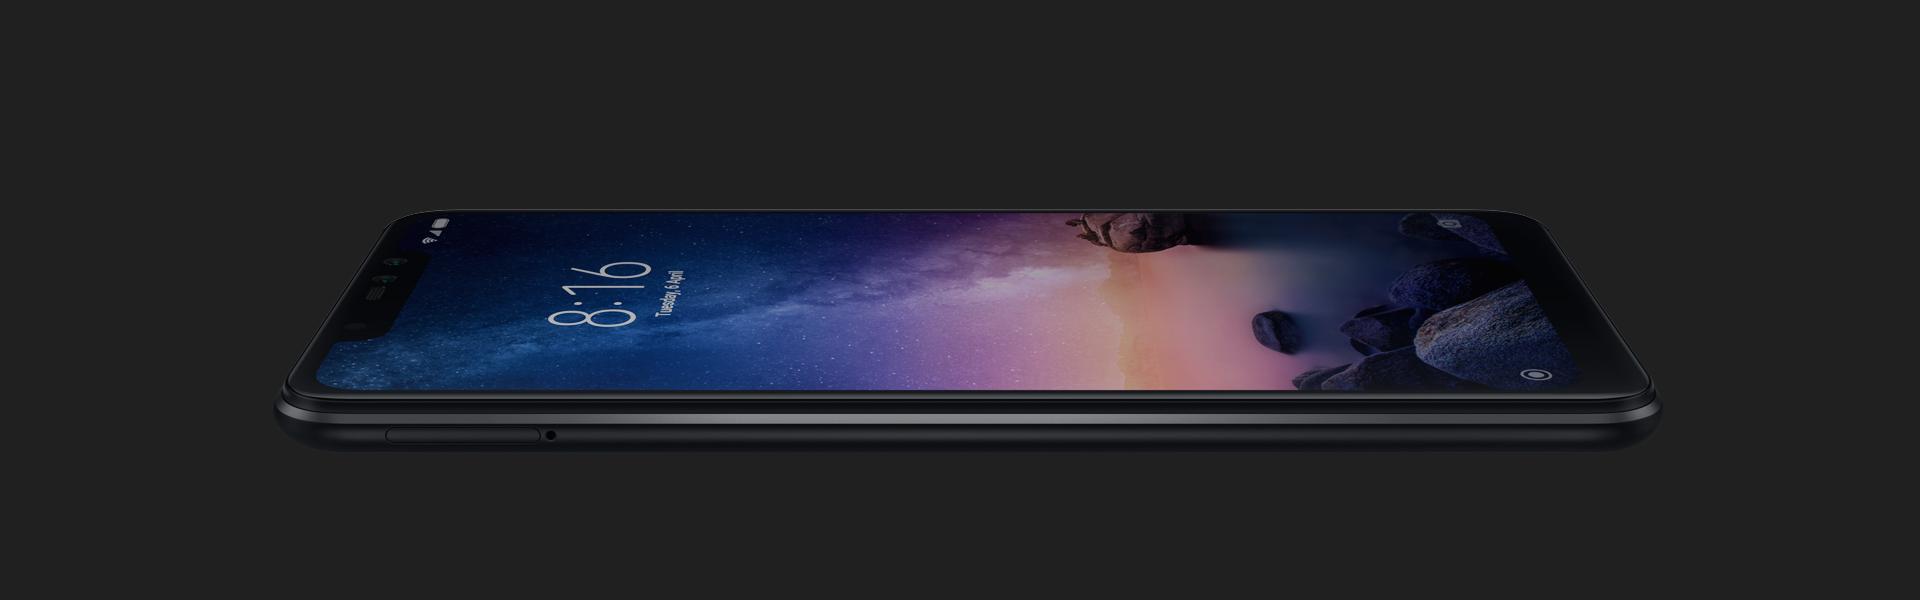 ถ่ายรูปทะเลหมอก ด้วยมือถือ Redmi Note 6 Pro